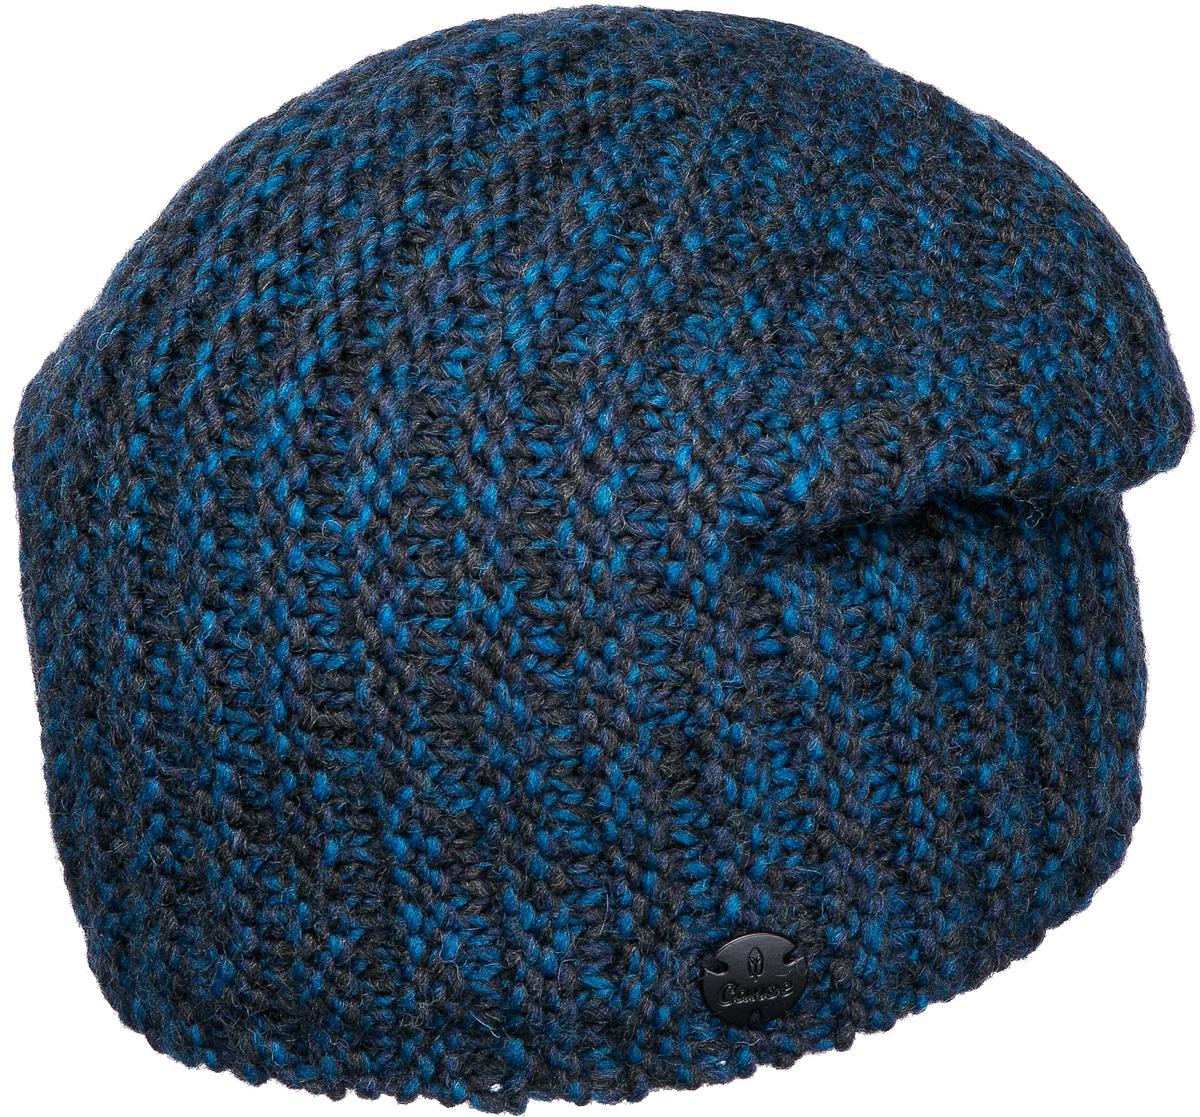 Шапка мужская Canoe Trill, цвет: синий. 3447594. Размер 56/593447594Удлинённая шапочка, утеплённая полоской тонкого, непилингующегося флиса. Изготовлена из мулинированной объёмной пряжи, скрученной из трёх разных цветов. Изделие получилось мягким и тёплыми, привлекает внимание интересными расцветками и дорогим внешним видом.Уважаемые клиенты!Размер, доступный для заказа, является обхватом головы.